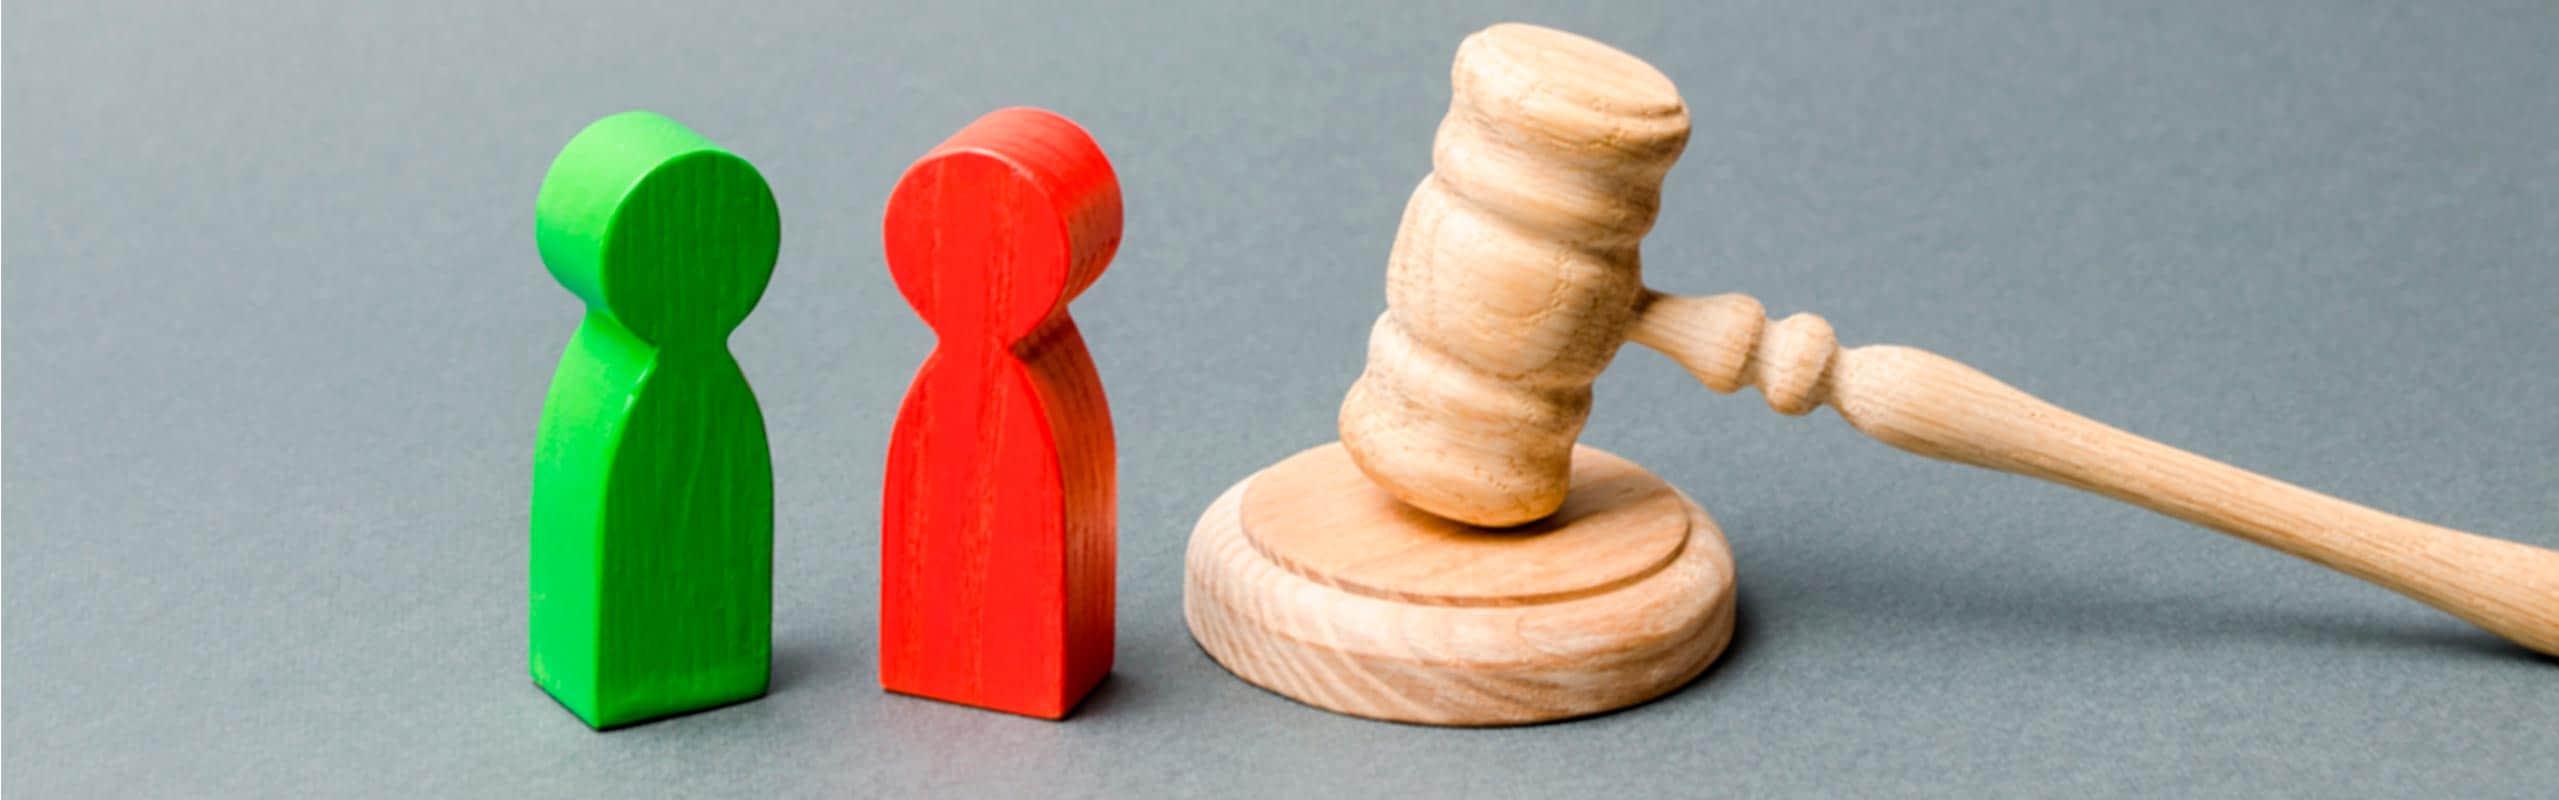 Descubre la importancia de la gestión de conflictos